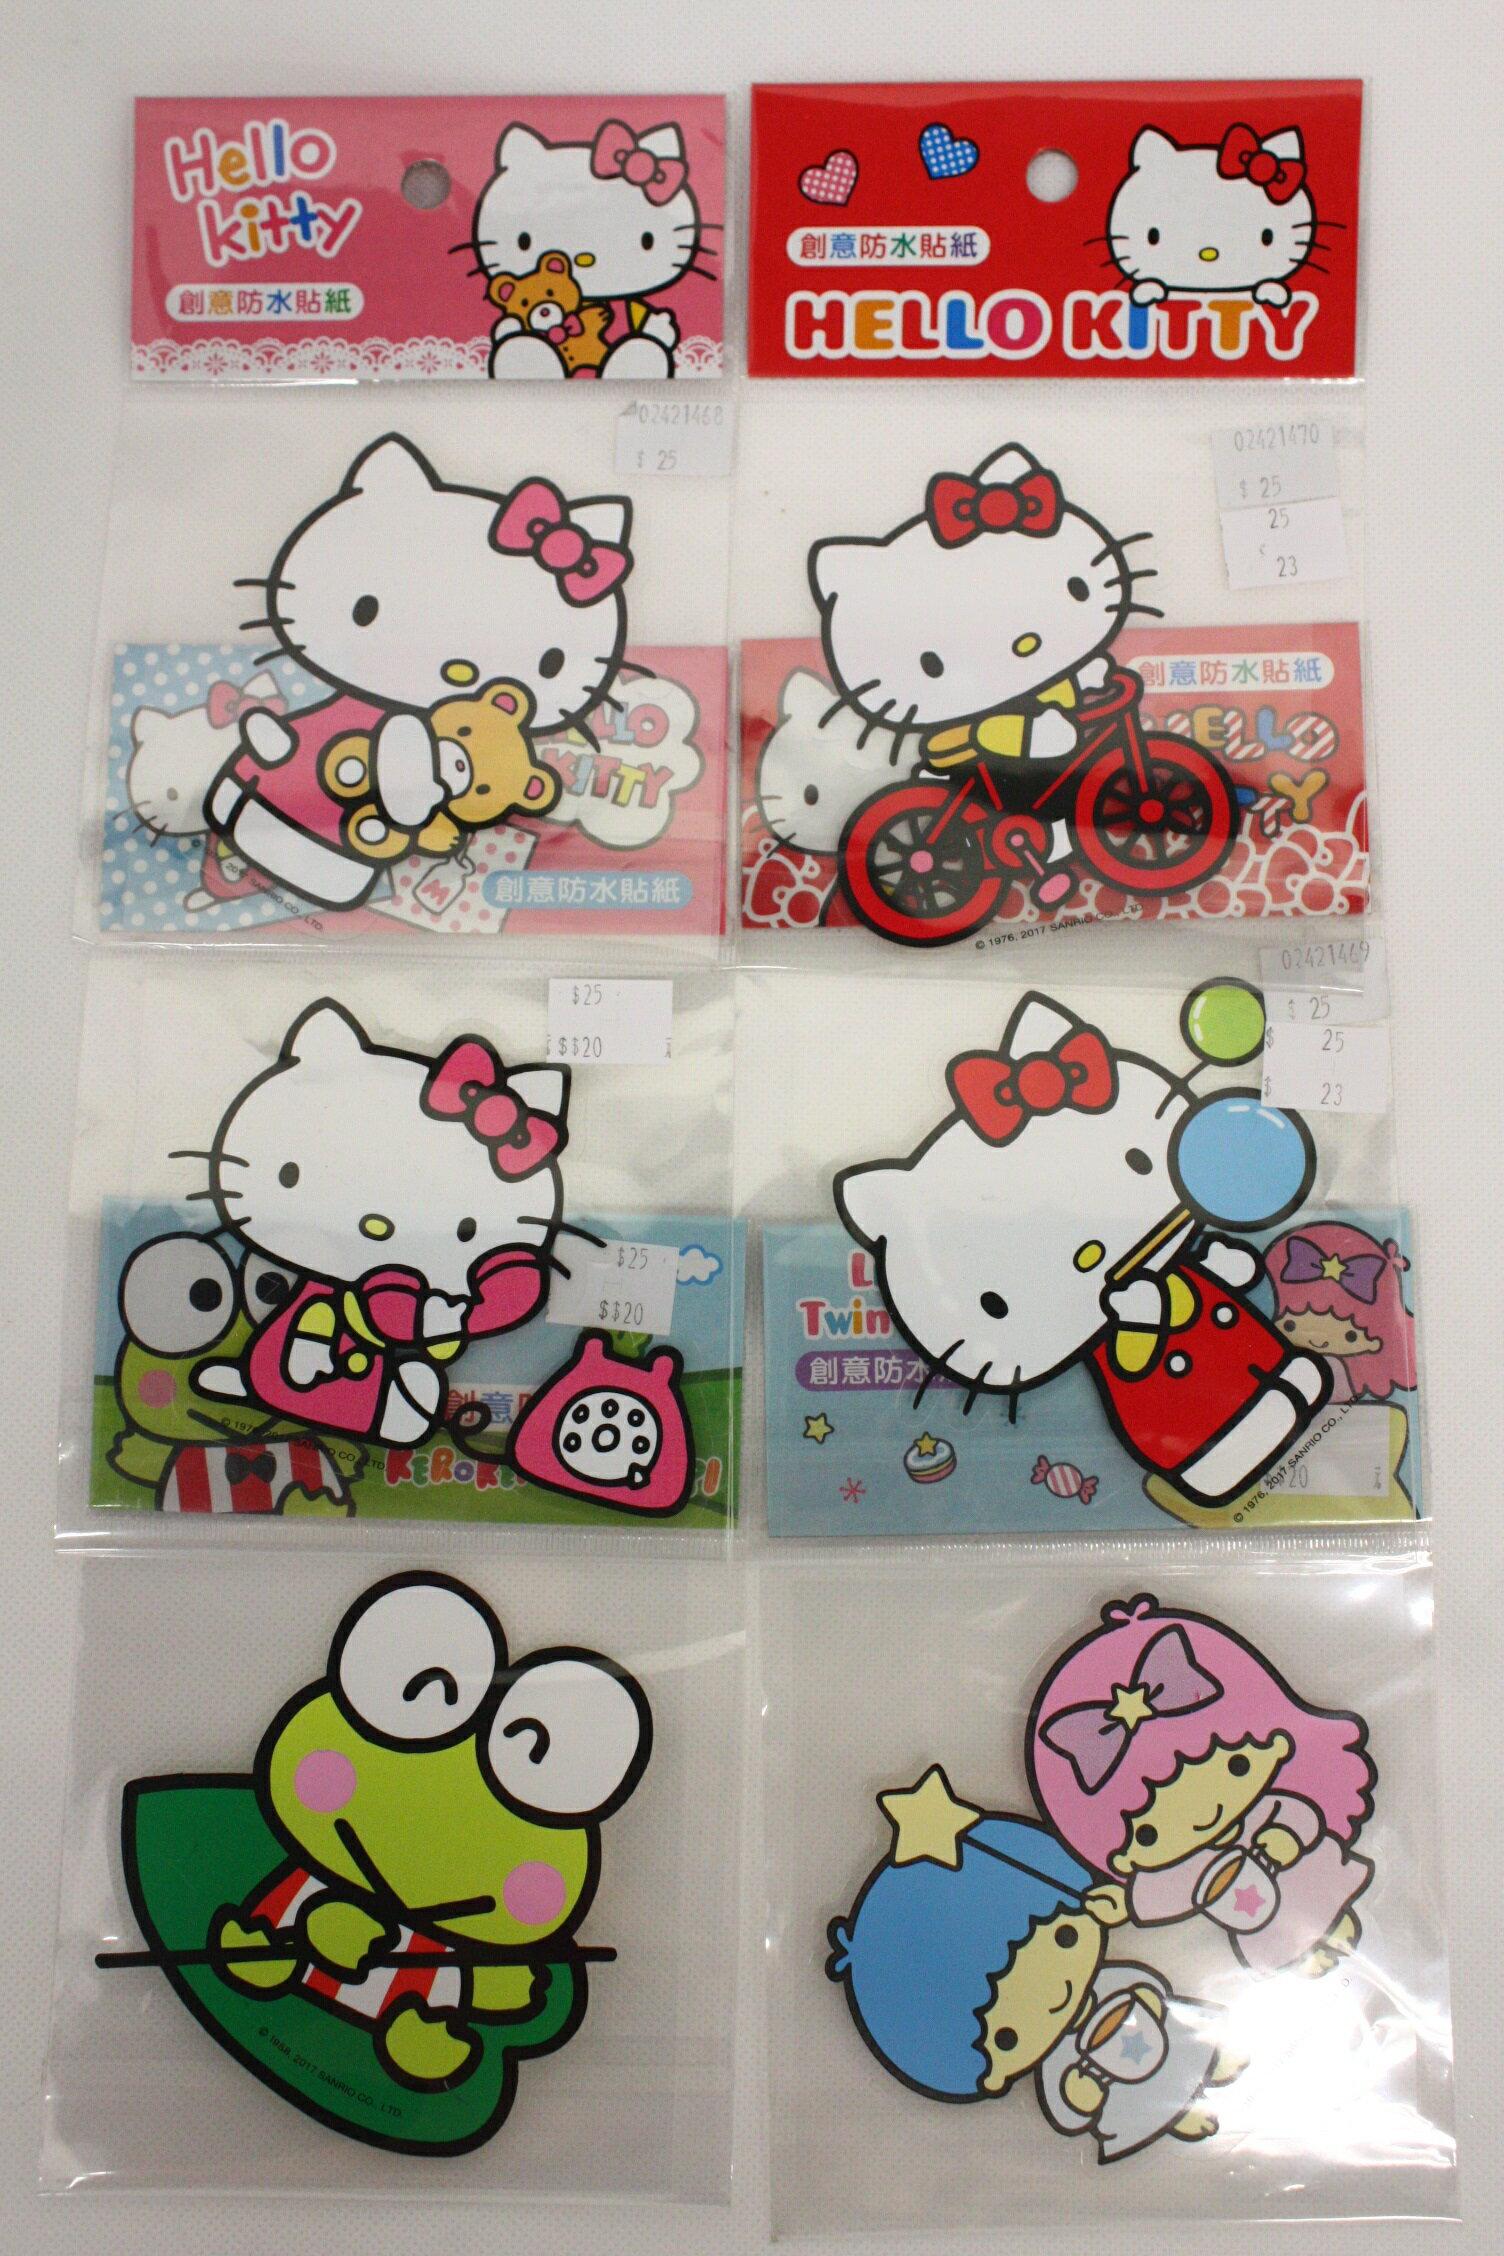 大賀屋 三麗鷗 防水貼 貼紙 防水 hello kitty 凱蒂貓 雙子星 大眼蛙 正版 授權 T0001 479